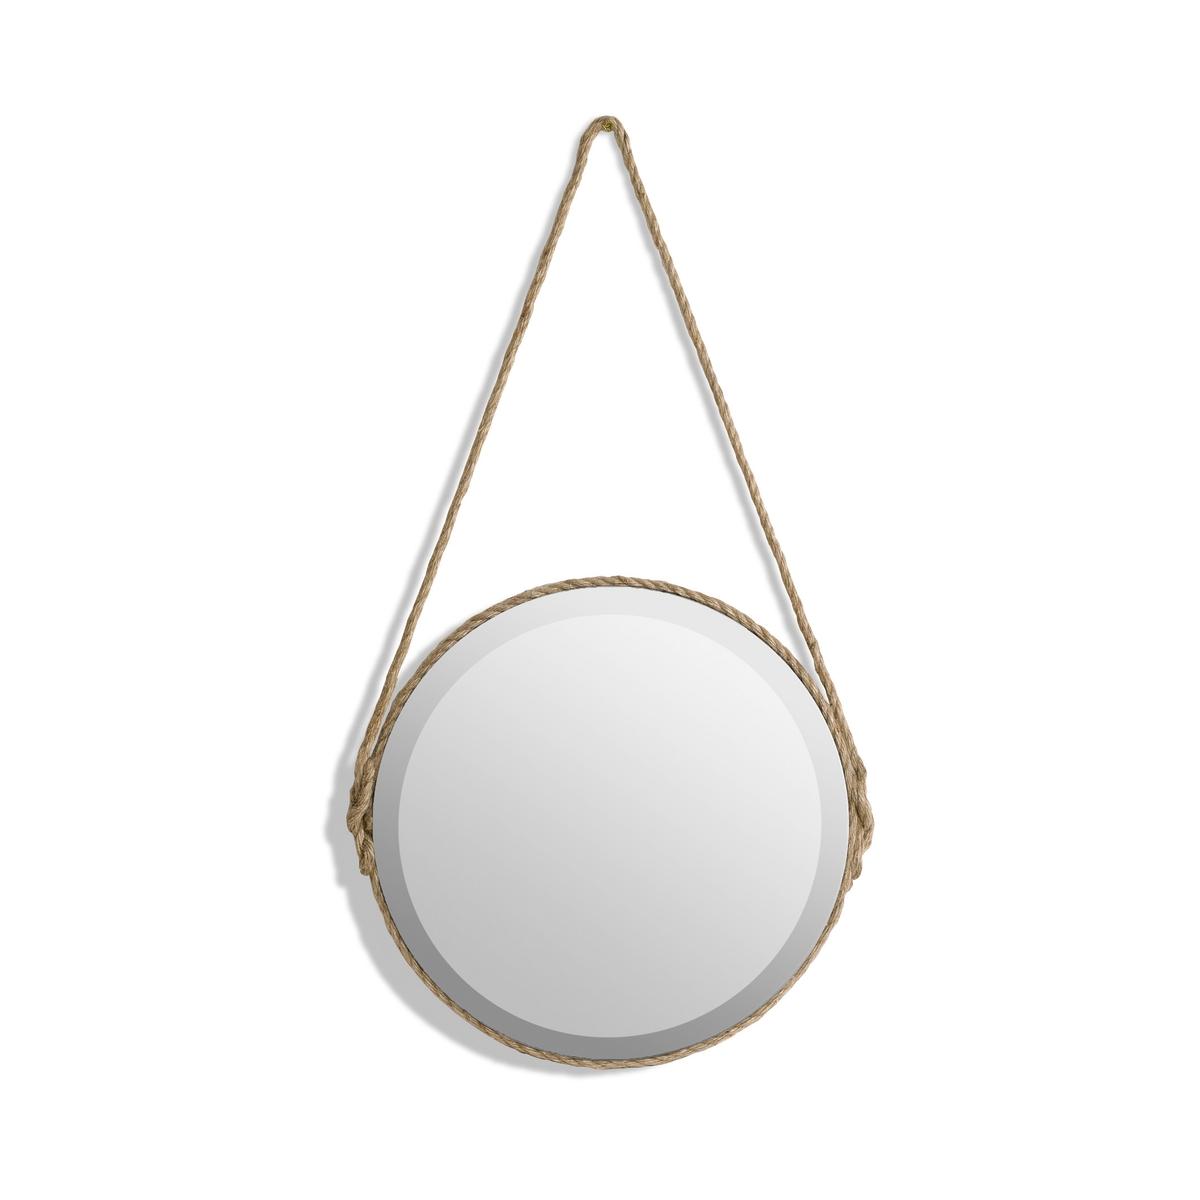 Зеркало Lien, диаметр 35 см абажур двойной из хлопка epilogon диаметр 50 см